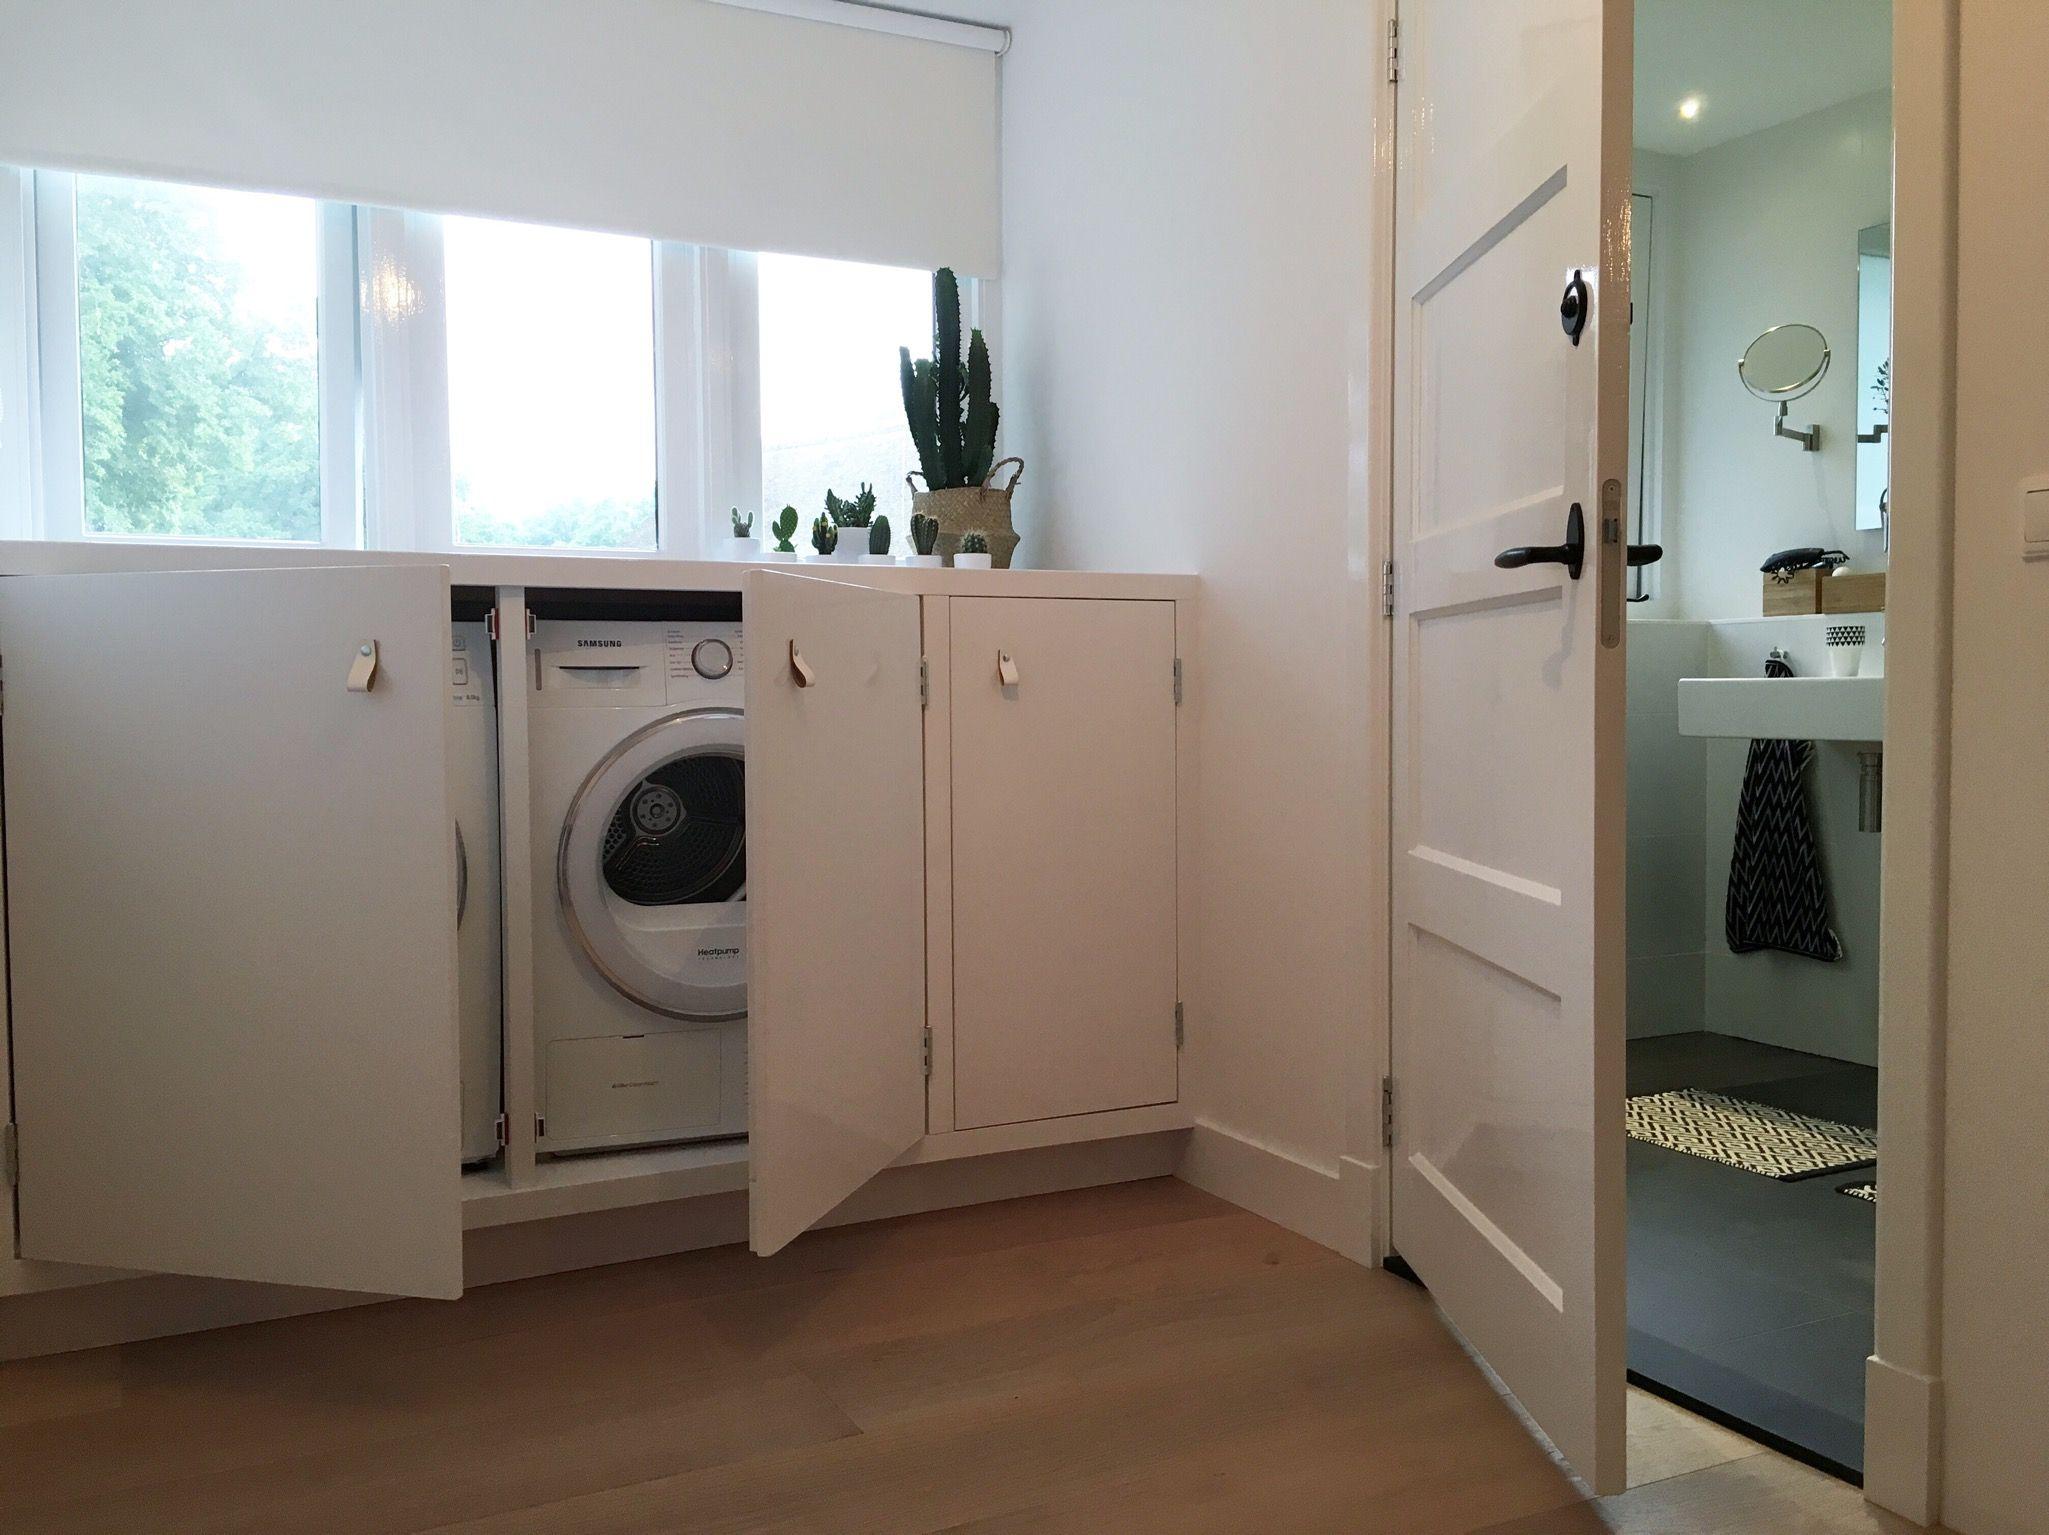 wasmachine ombouw | Washok | Pinterest - Leven, Zolder en Wasmachine ...